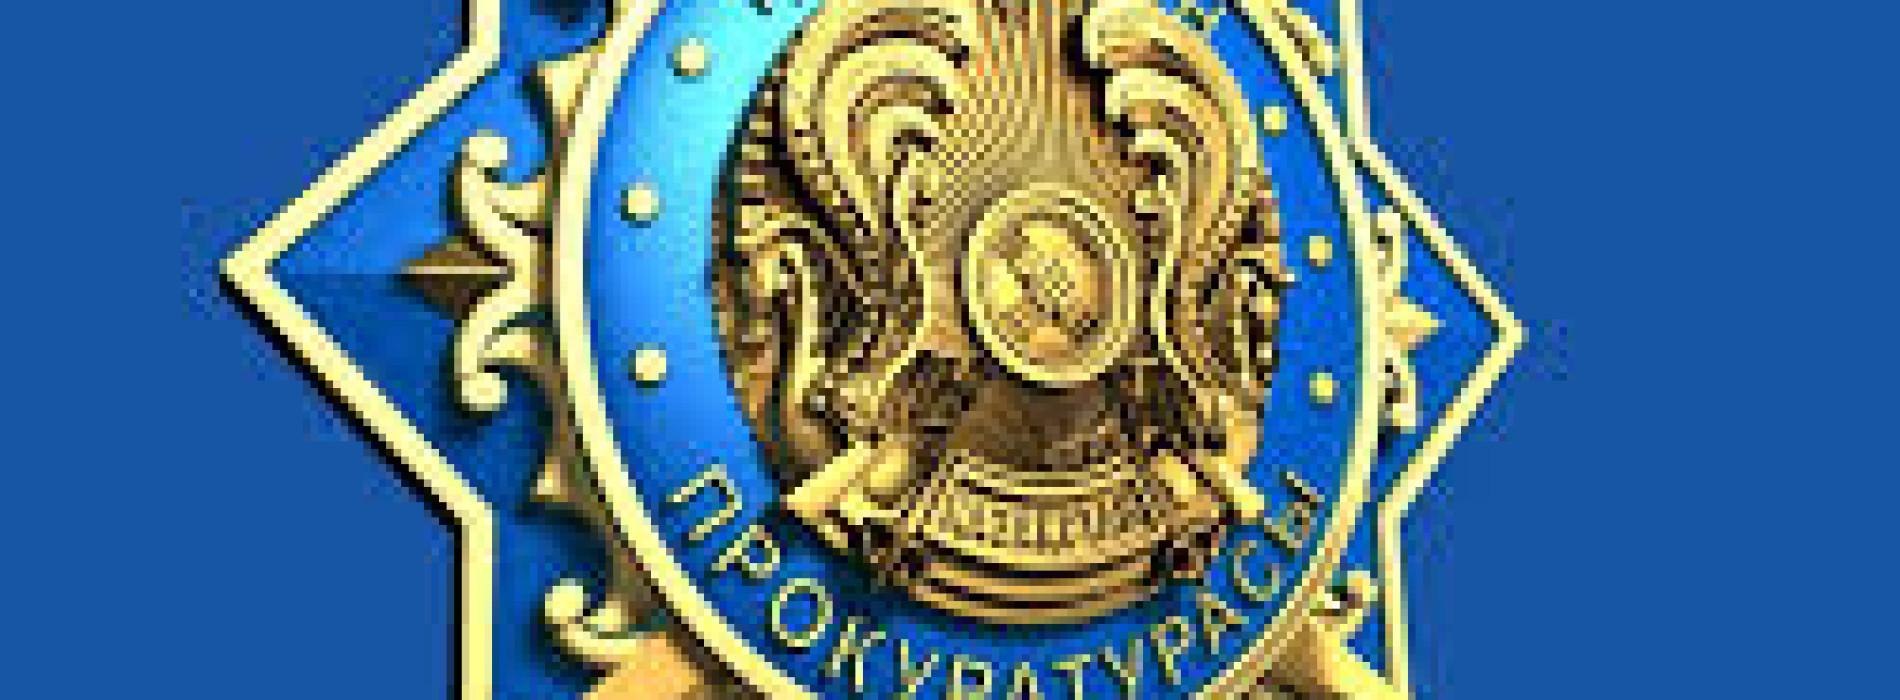 Генпрокурор назвал действия некоторых госслужащих дискредитацией политики главы государства